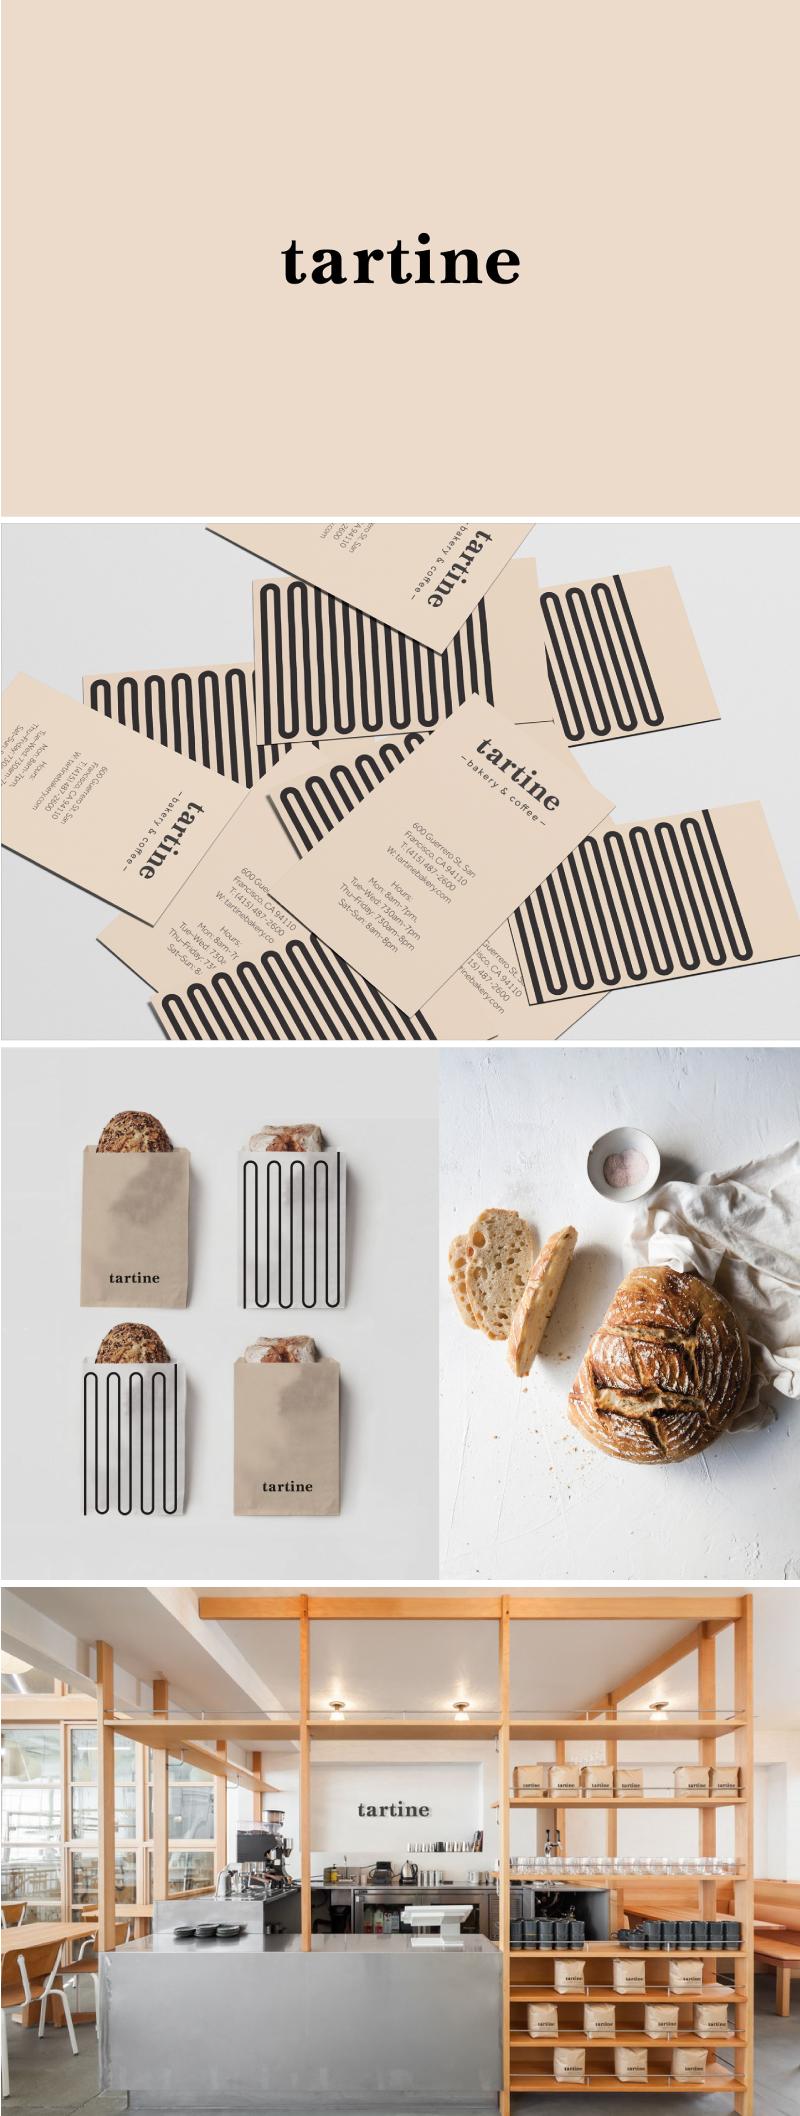 Tartine Bakery logo & branding.